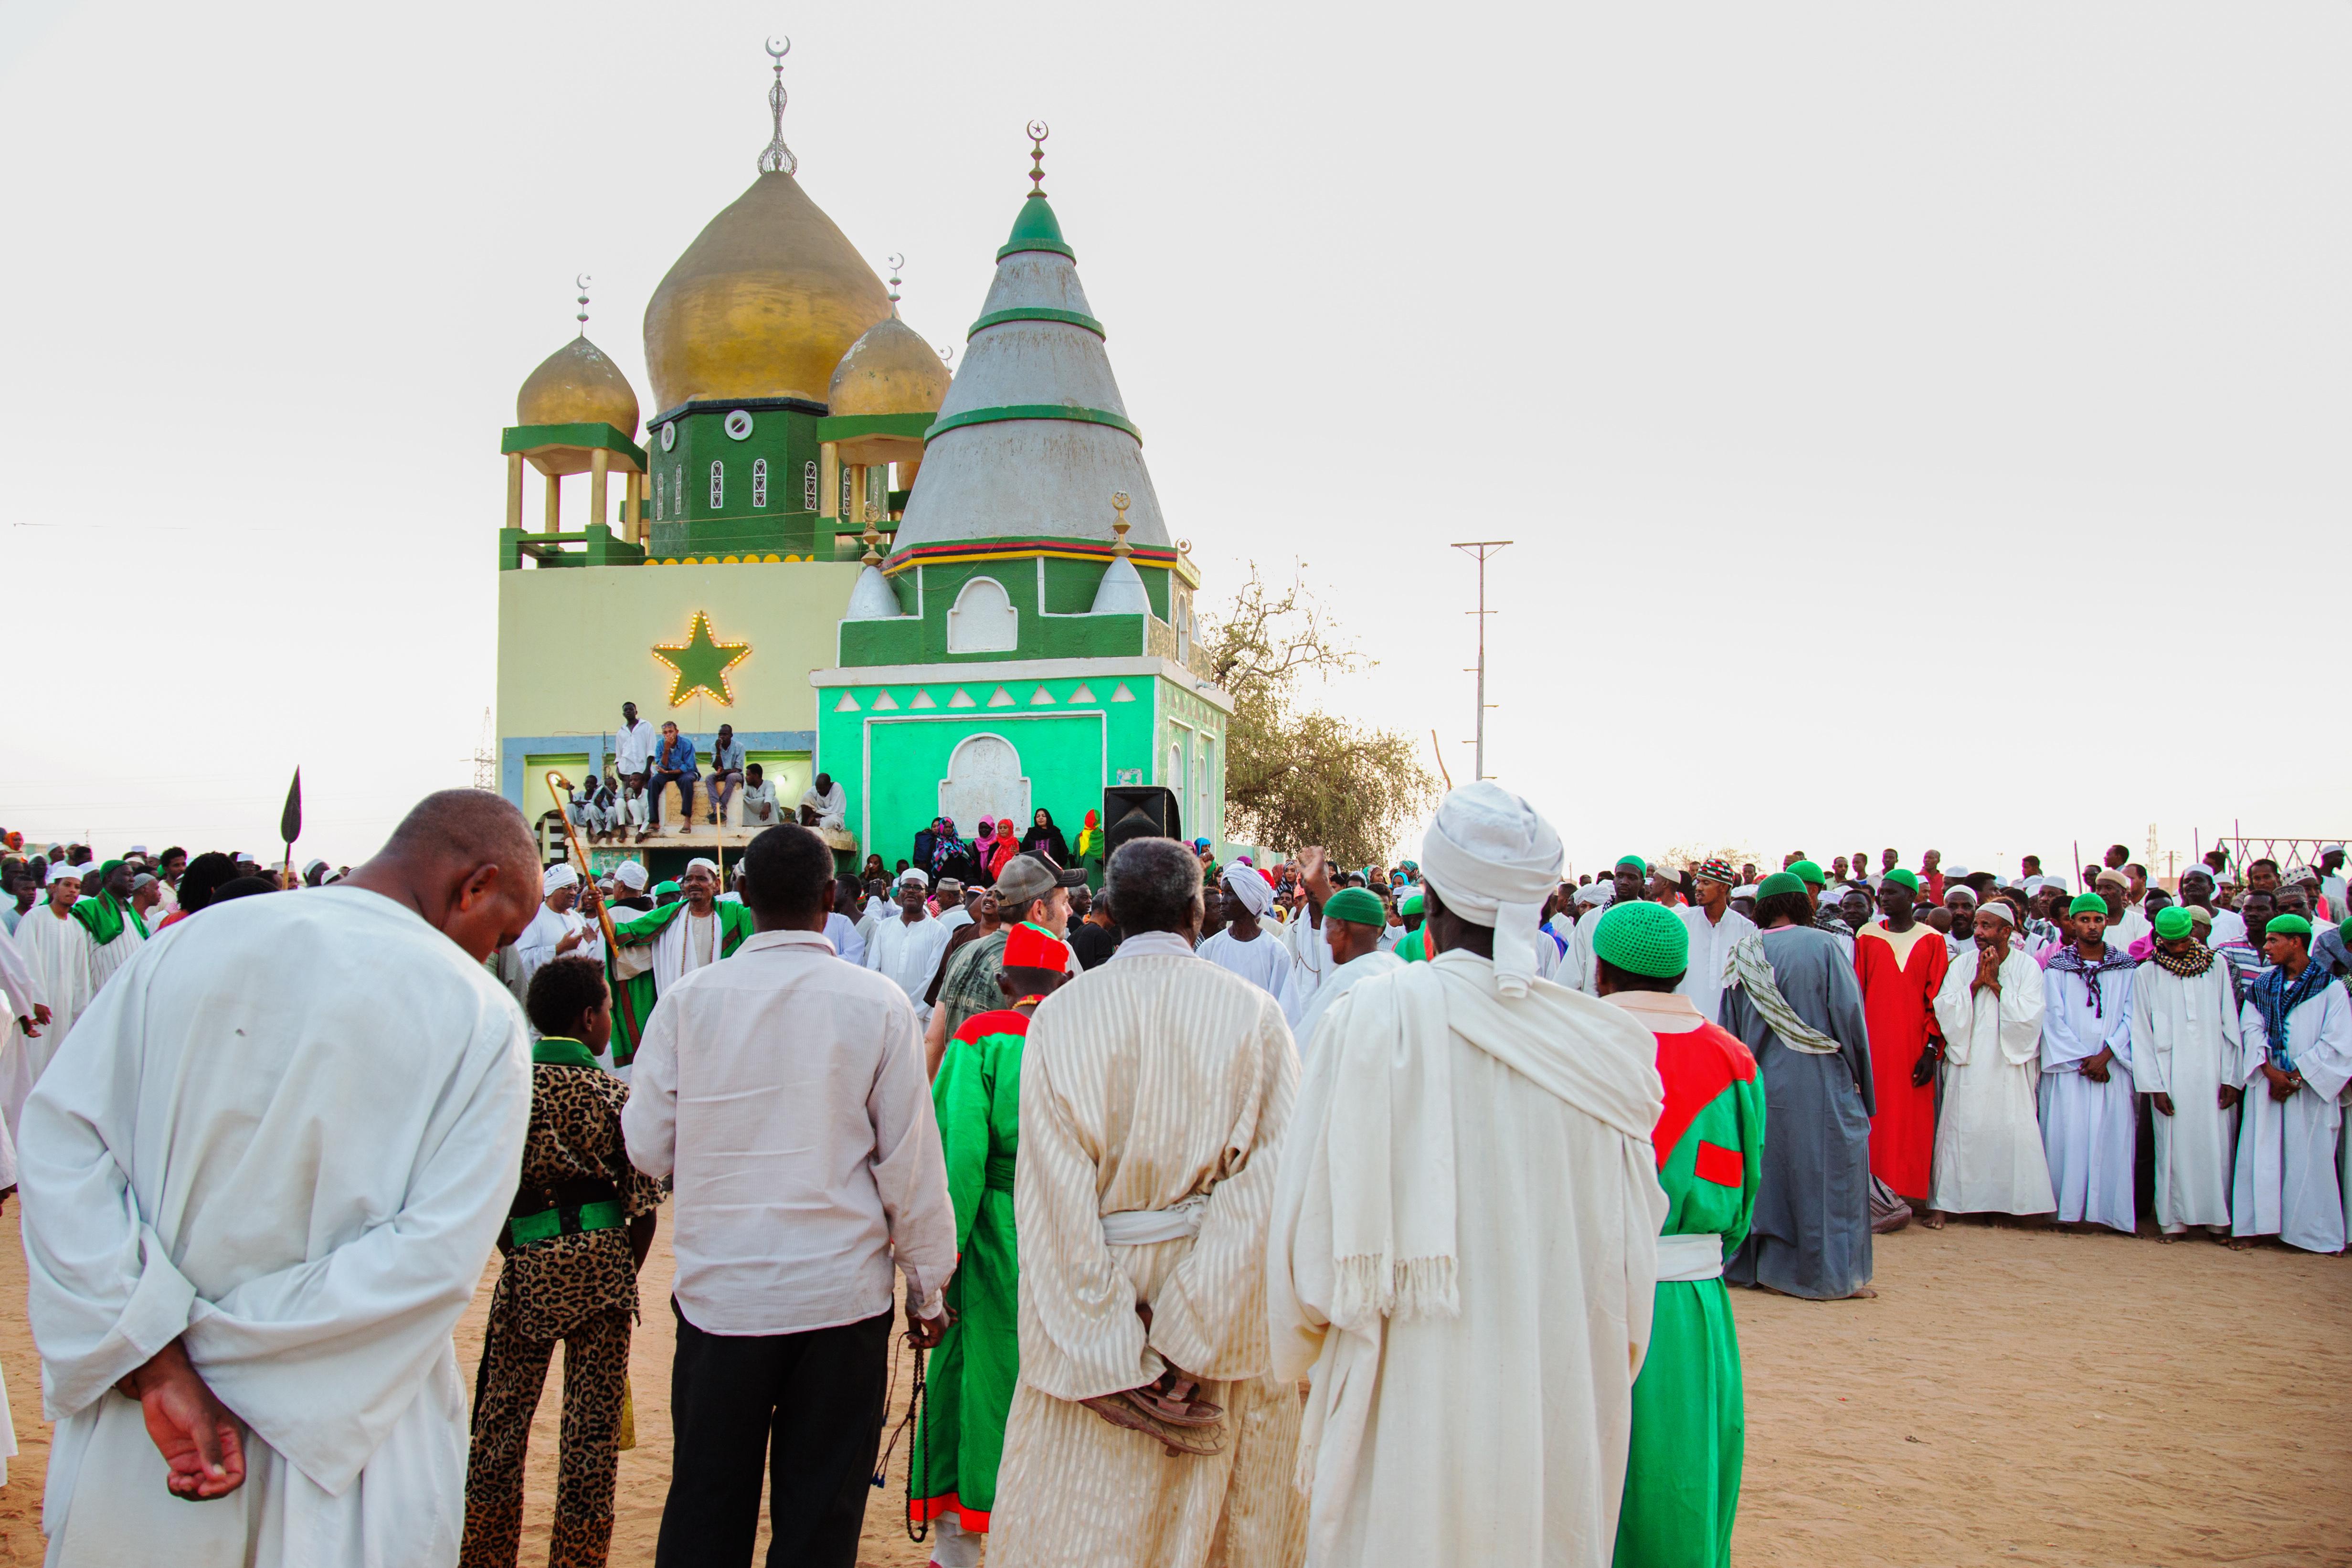 Soudan, au-delà du cliché.